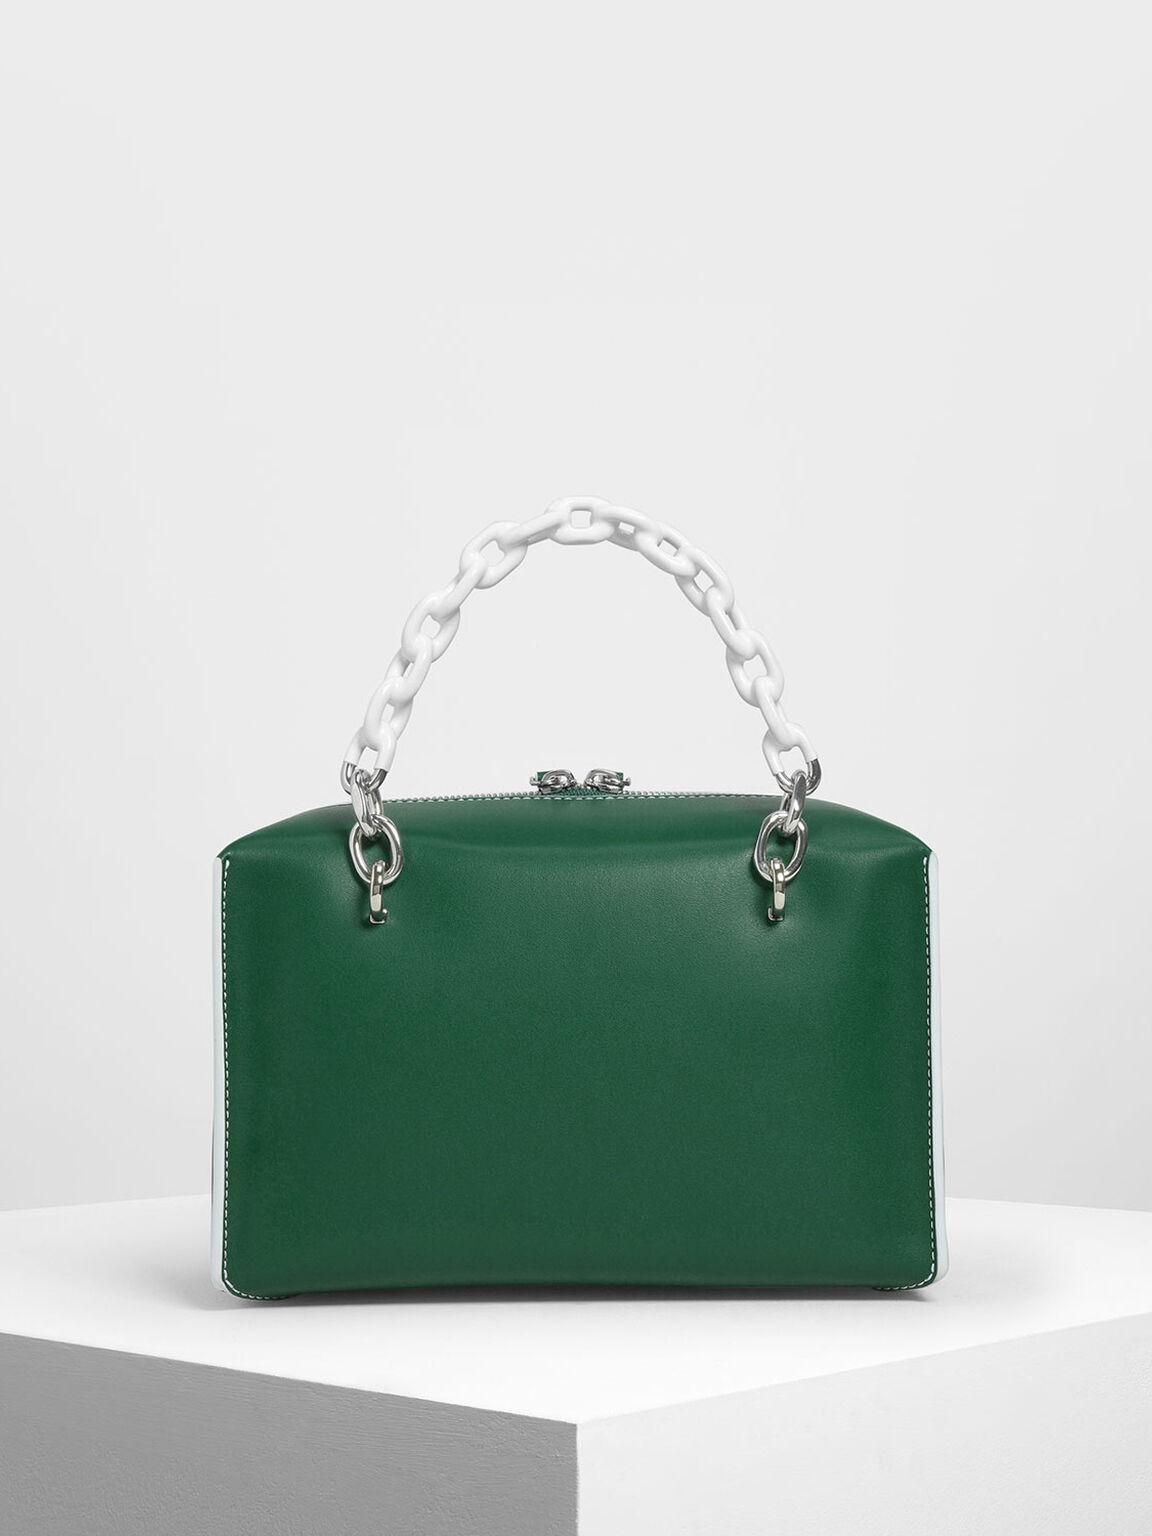 雙鍊條手提包, 綠色, hi-res